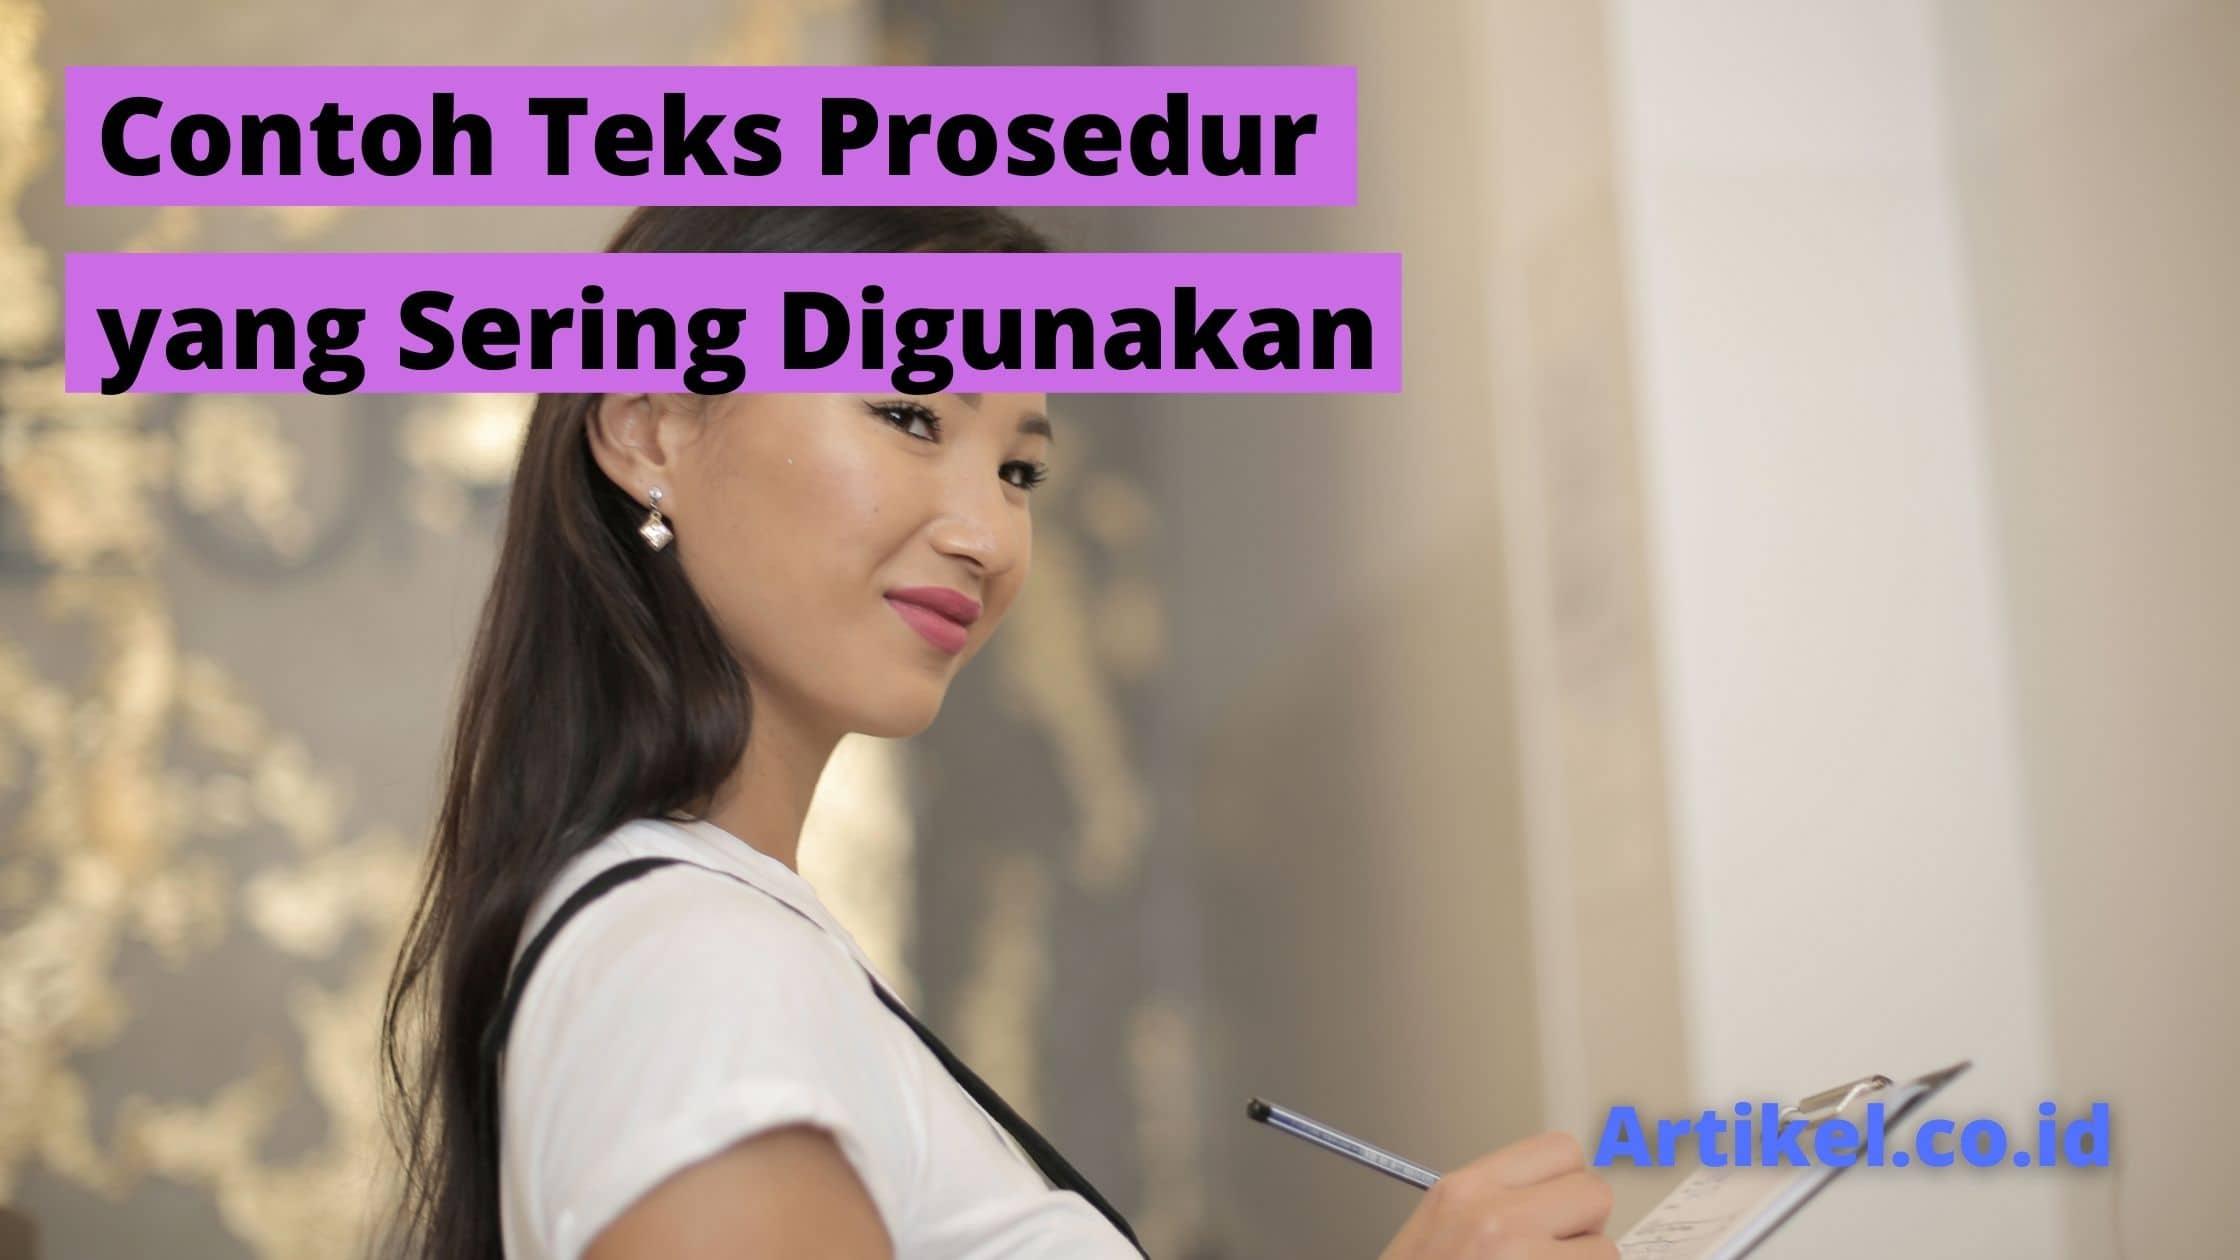 Read more about the article Contoh Teks Prosedur yang Sering Digunakan